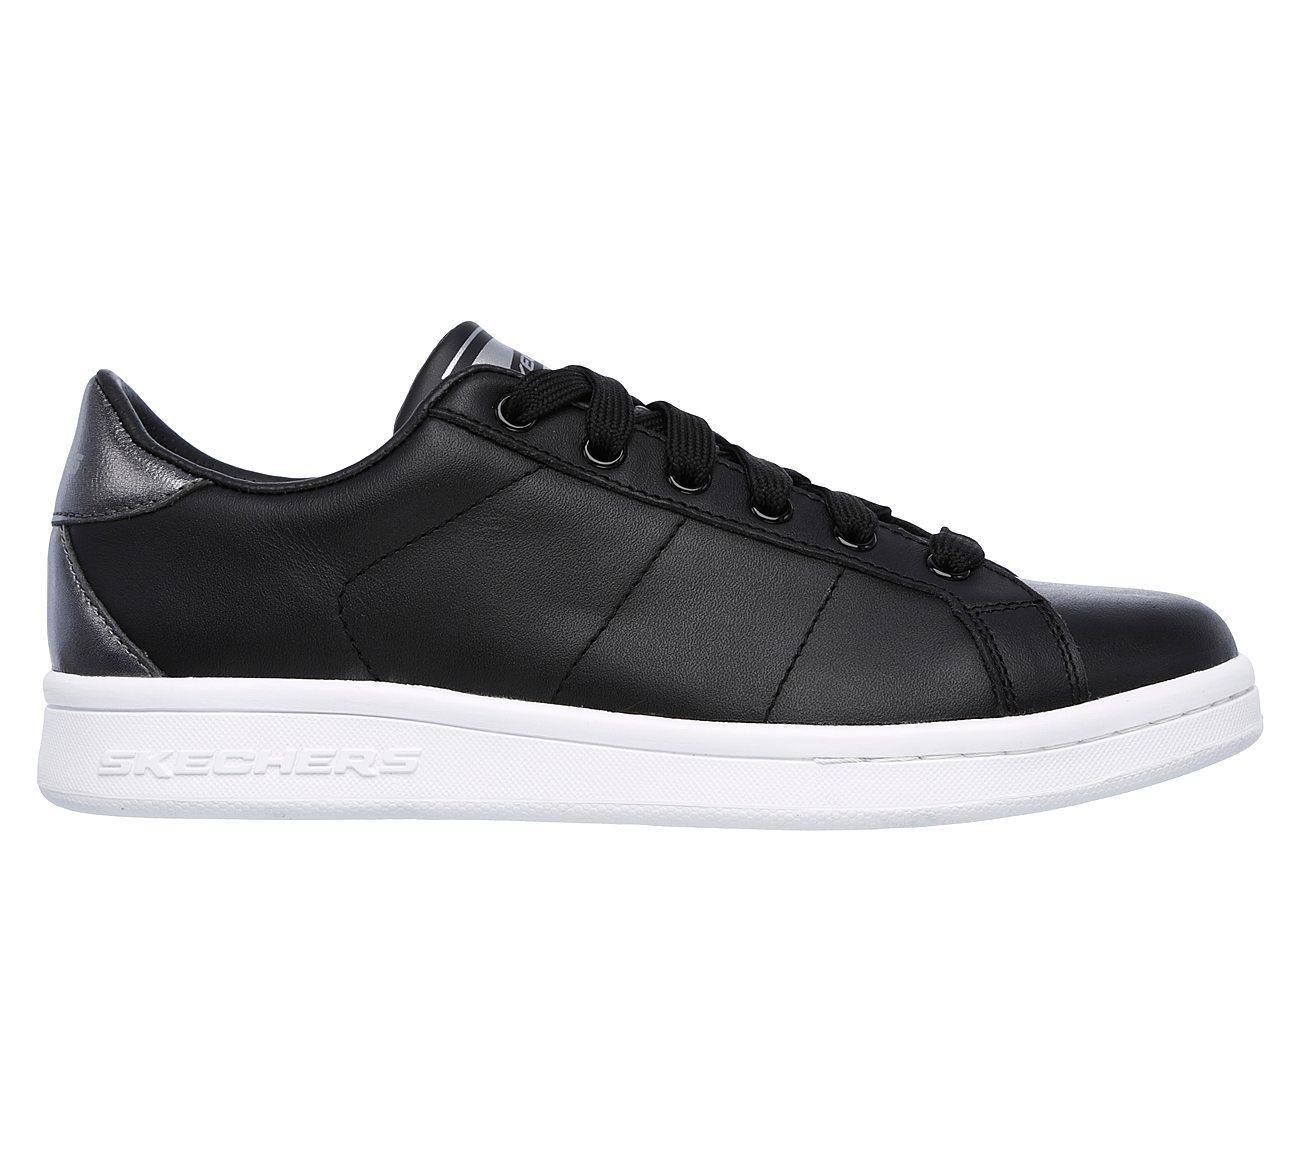 1d3b3cd14dc7 Buy SKECHERS Omne - Kort Klassix Originals Shoes only  41.00